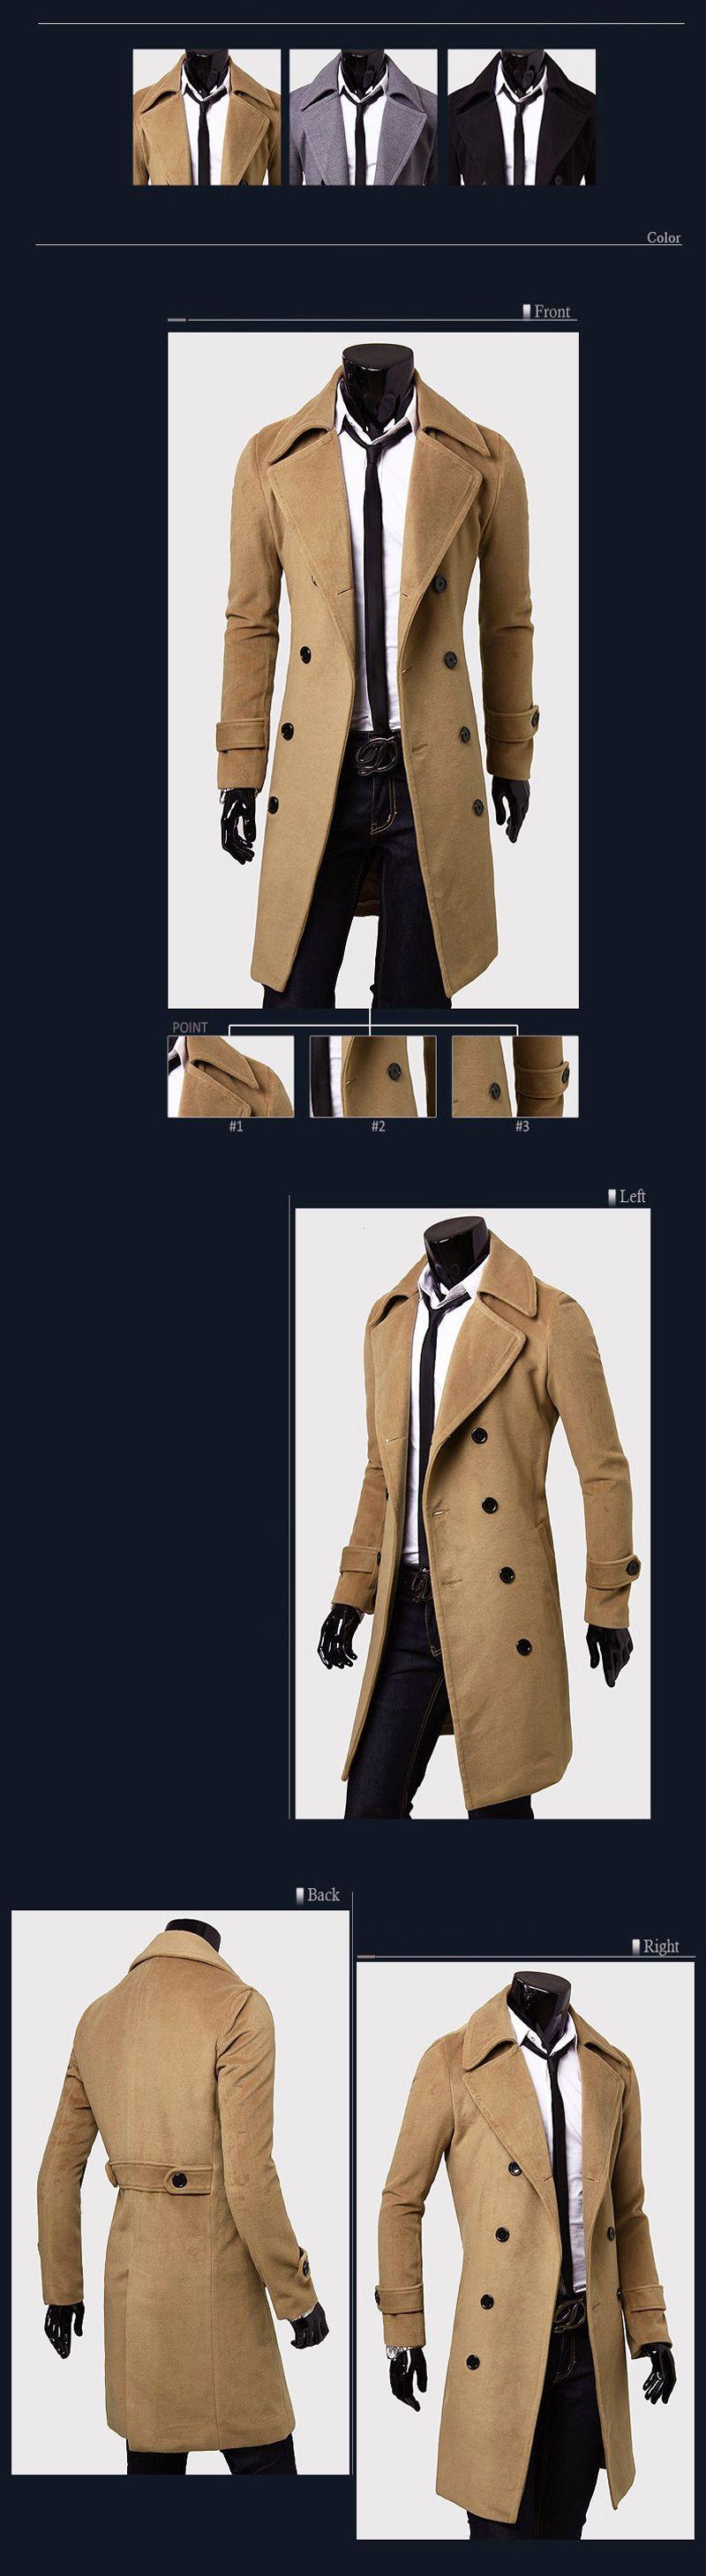 Lange Wollmantel Auf Männer Männer Großhandel Neue Trenchcoat Winter Von 51 Marke wholesale33 Erbsenmantel Mens Zweireiher Gift 2016 Umlegekragen 8ONv0wmn